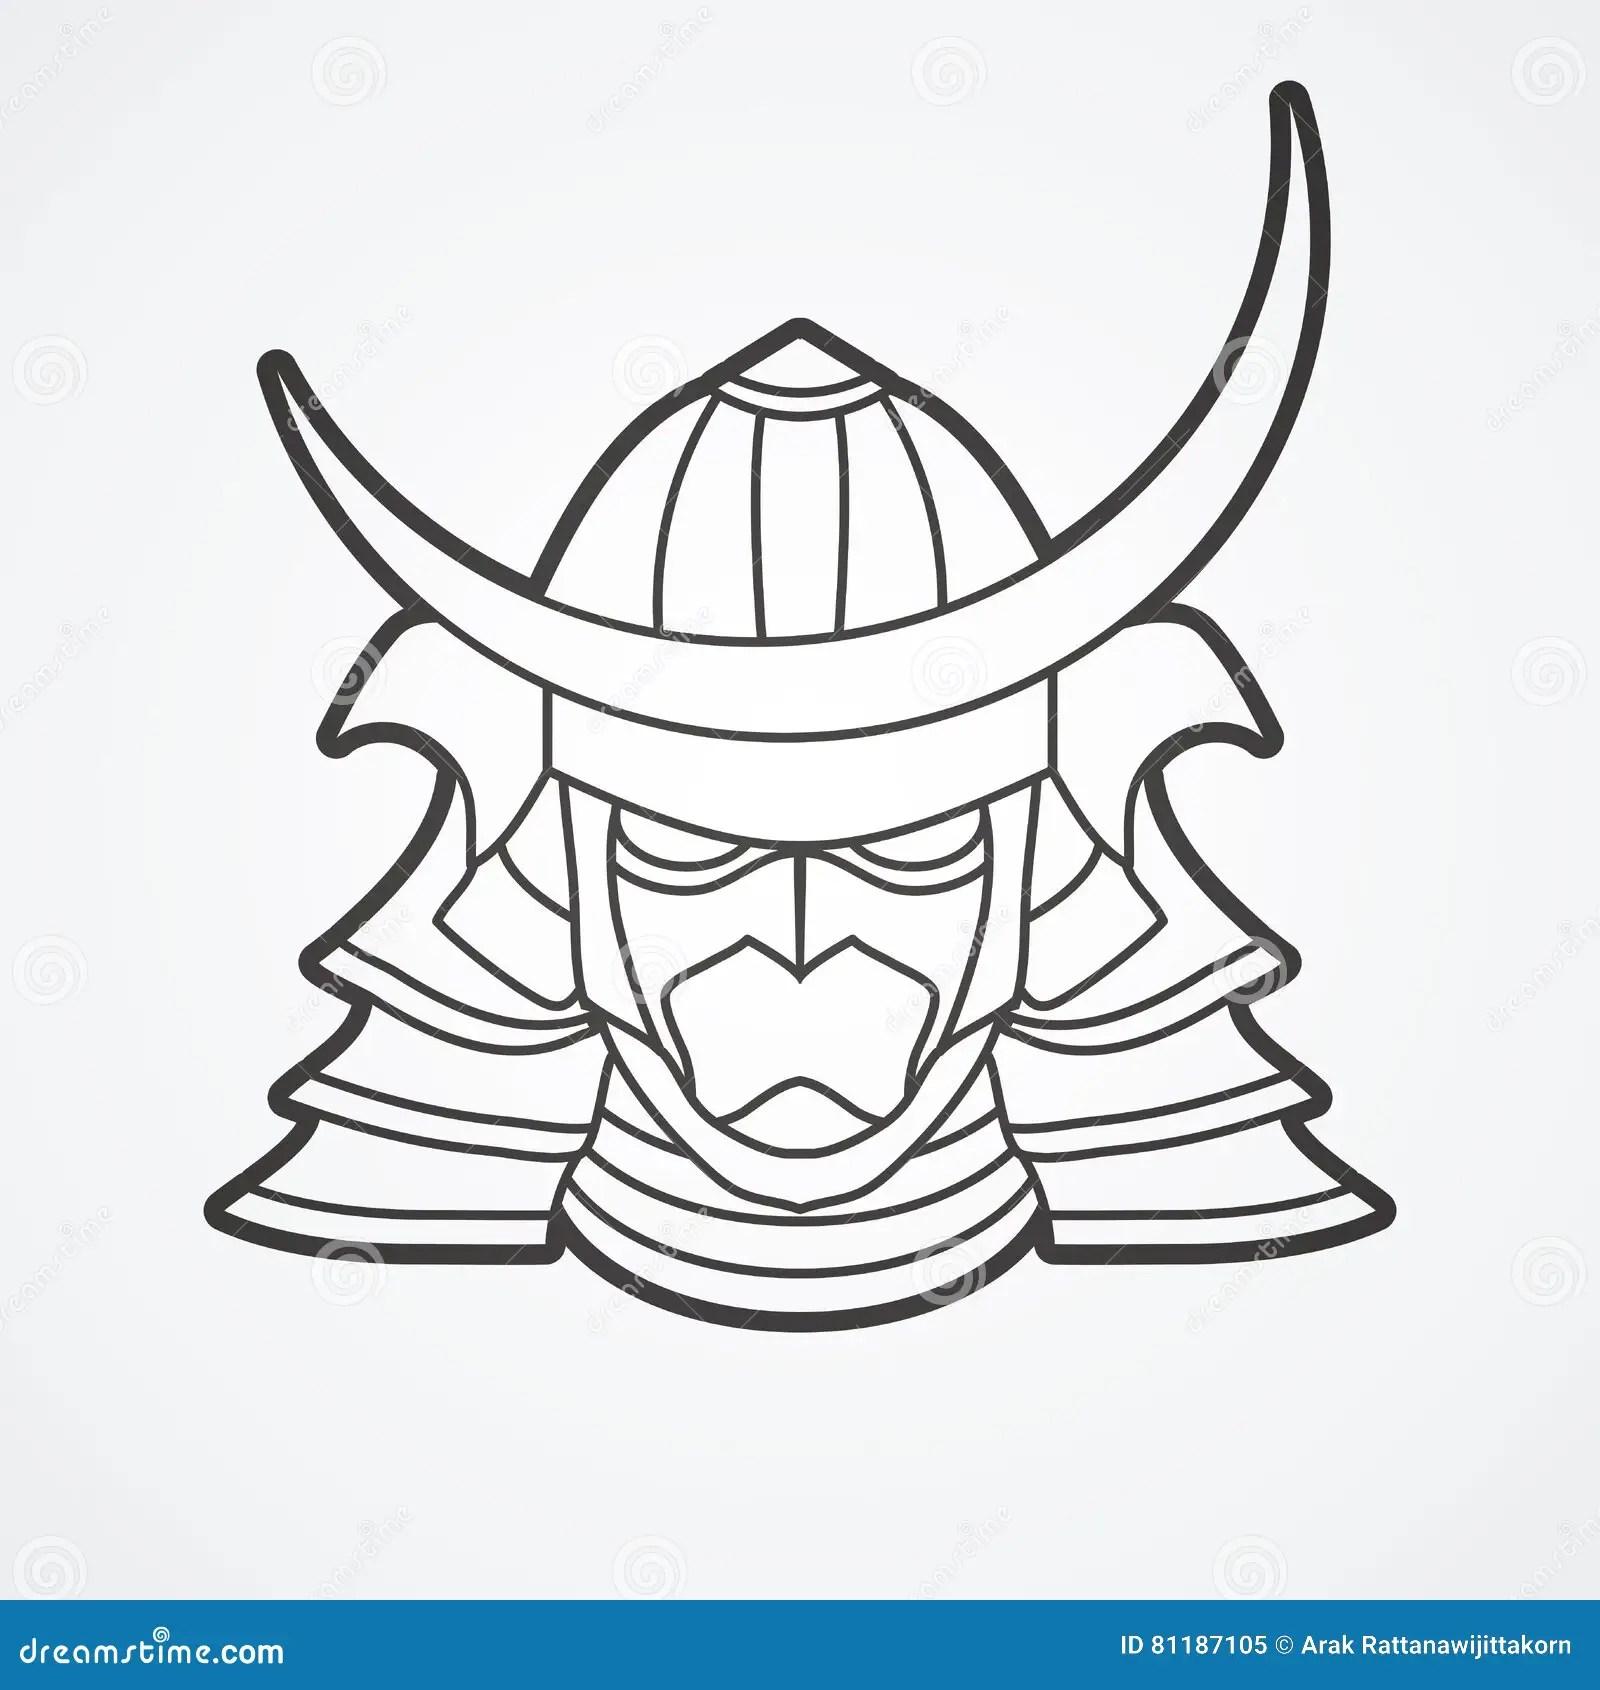 Samurai Warrior Mask Stock Vector Illustration Of Mask